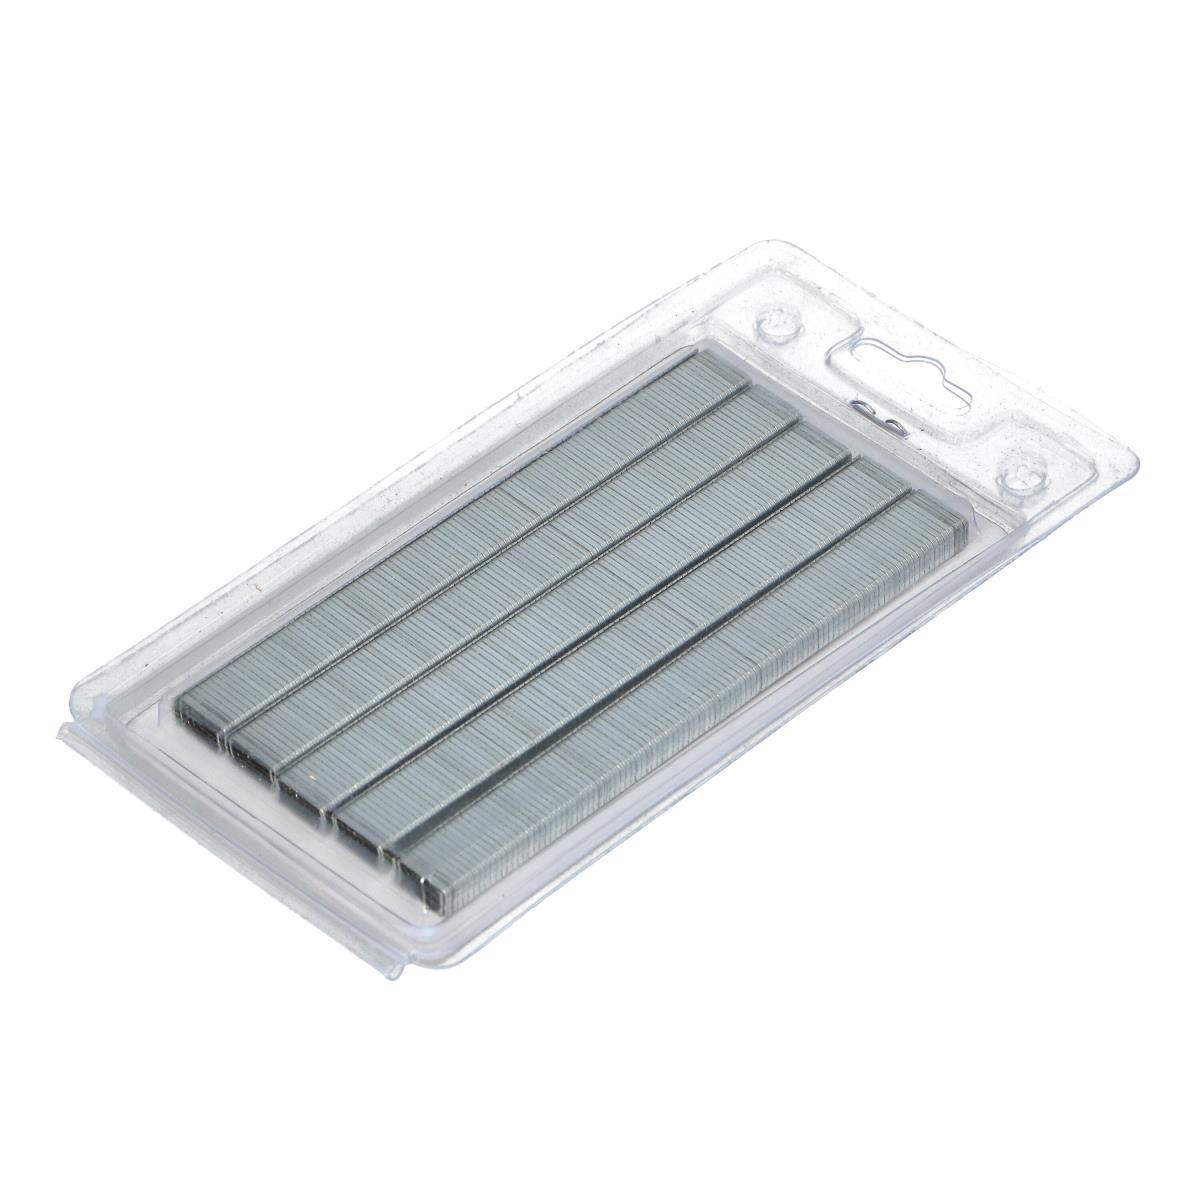 Tackerklammern 1000 Stück TYP G 6 mm Klammern Tacker Heftklammern,FASTER TOOLS,3570, 5907078935706